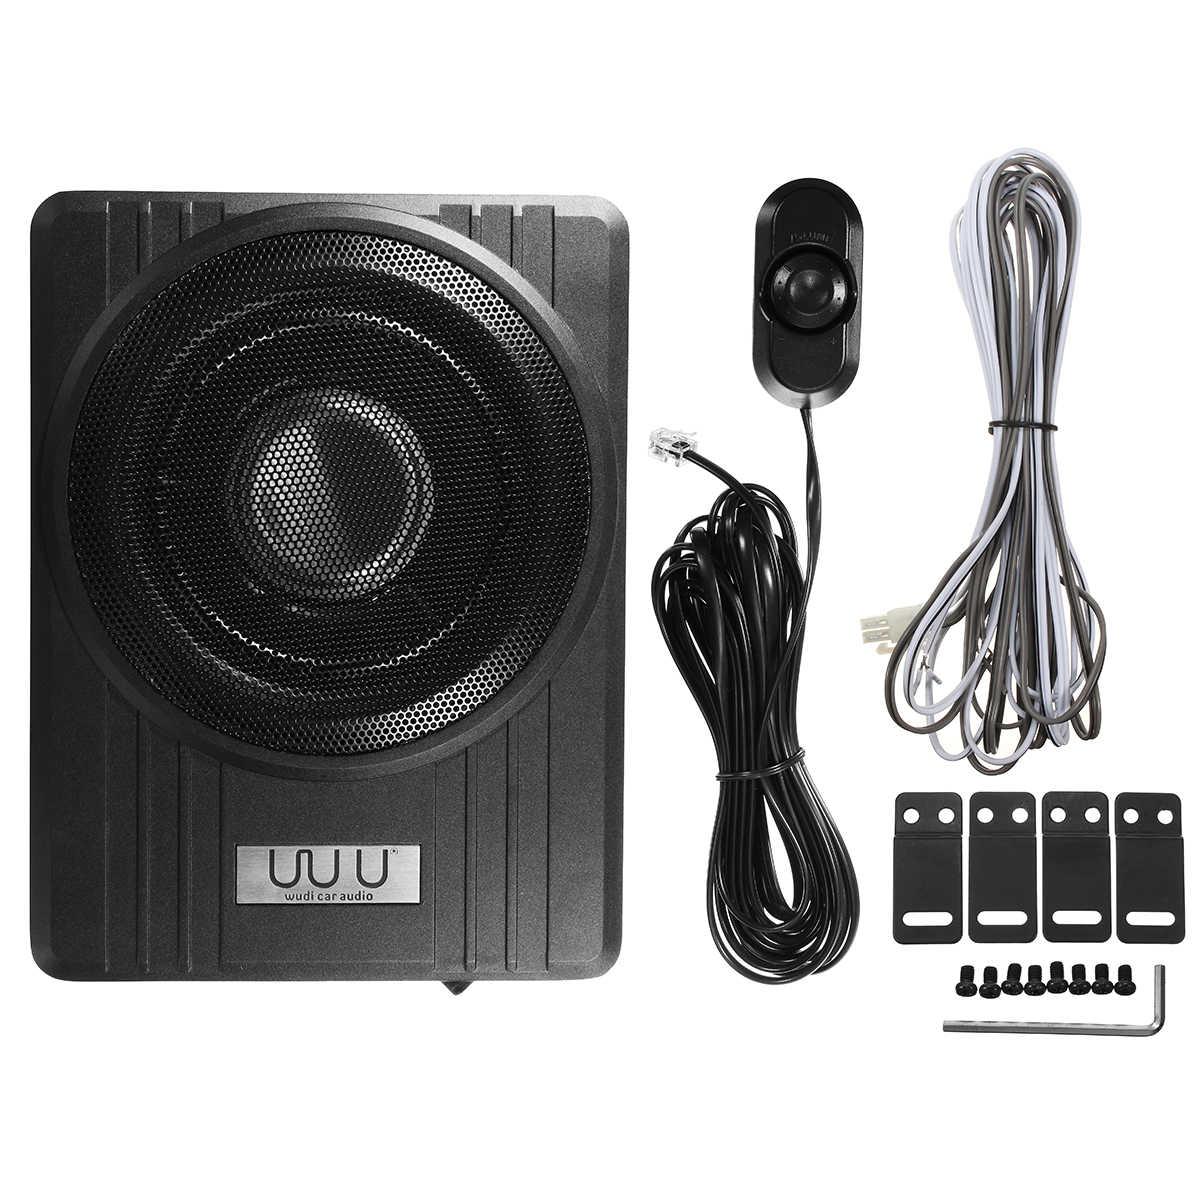 """10 """"600 W voiture Active Subwoofer haut-parleur amplificateur Audio véhicule Subwoofer basse amplificateur enceinte Auto son voiture Audio amplificateur"""